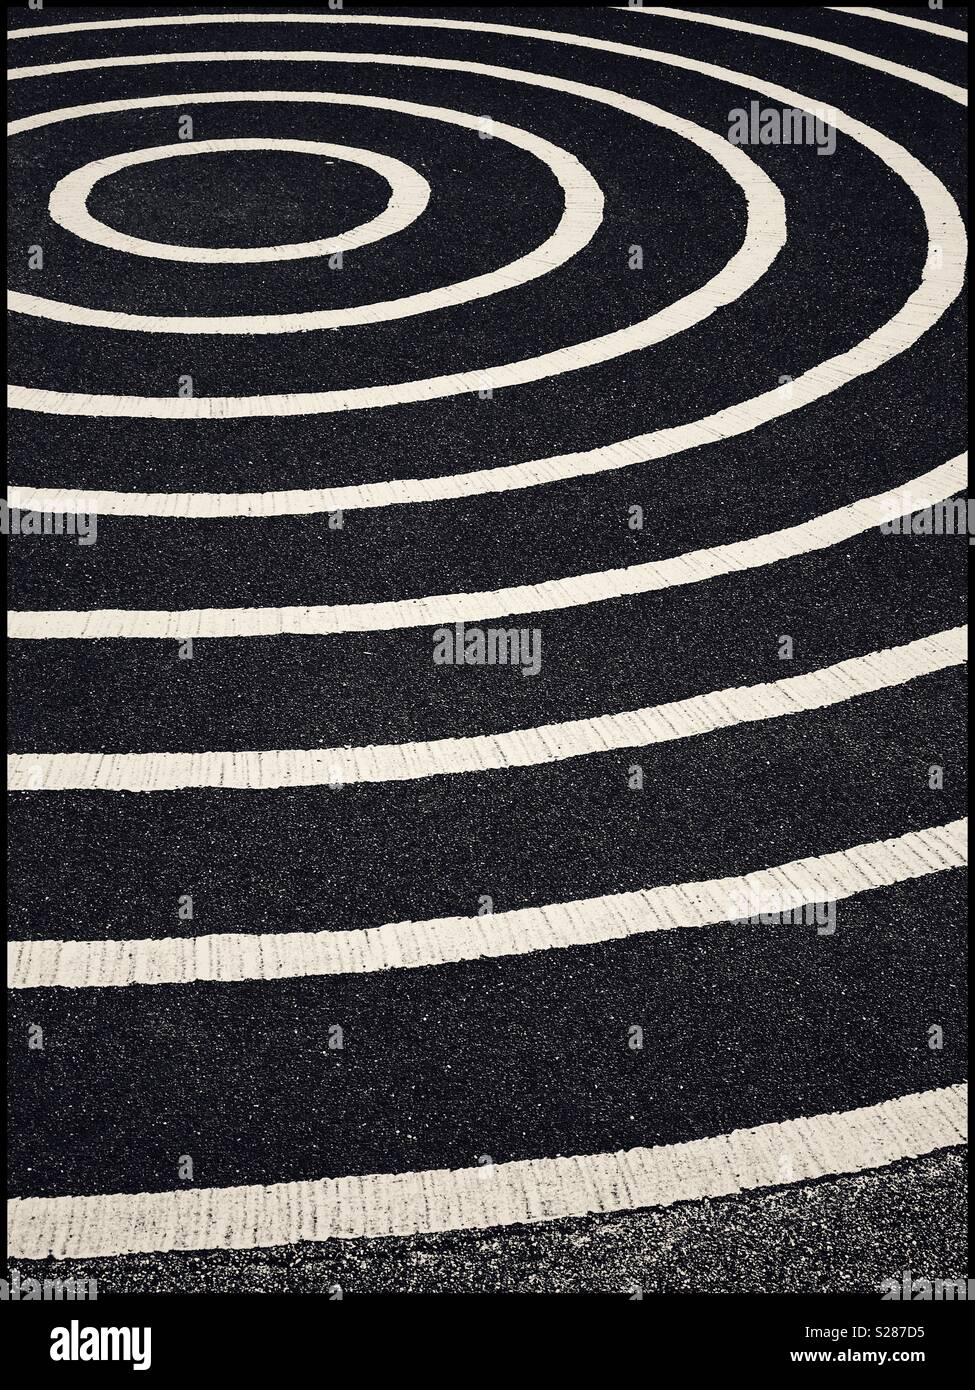 D'un graphique, d'image monochrome de cercles concentriques, peint sur une grande surface de tarmac (asphalte). Une image avec de multiples possibilités d'utilisation. Crédits photos - © COLIN HOSKINS. Photo Stock